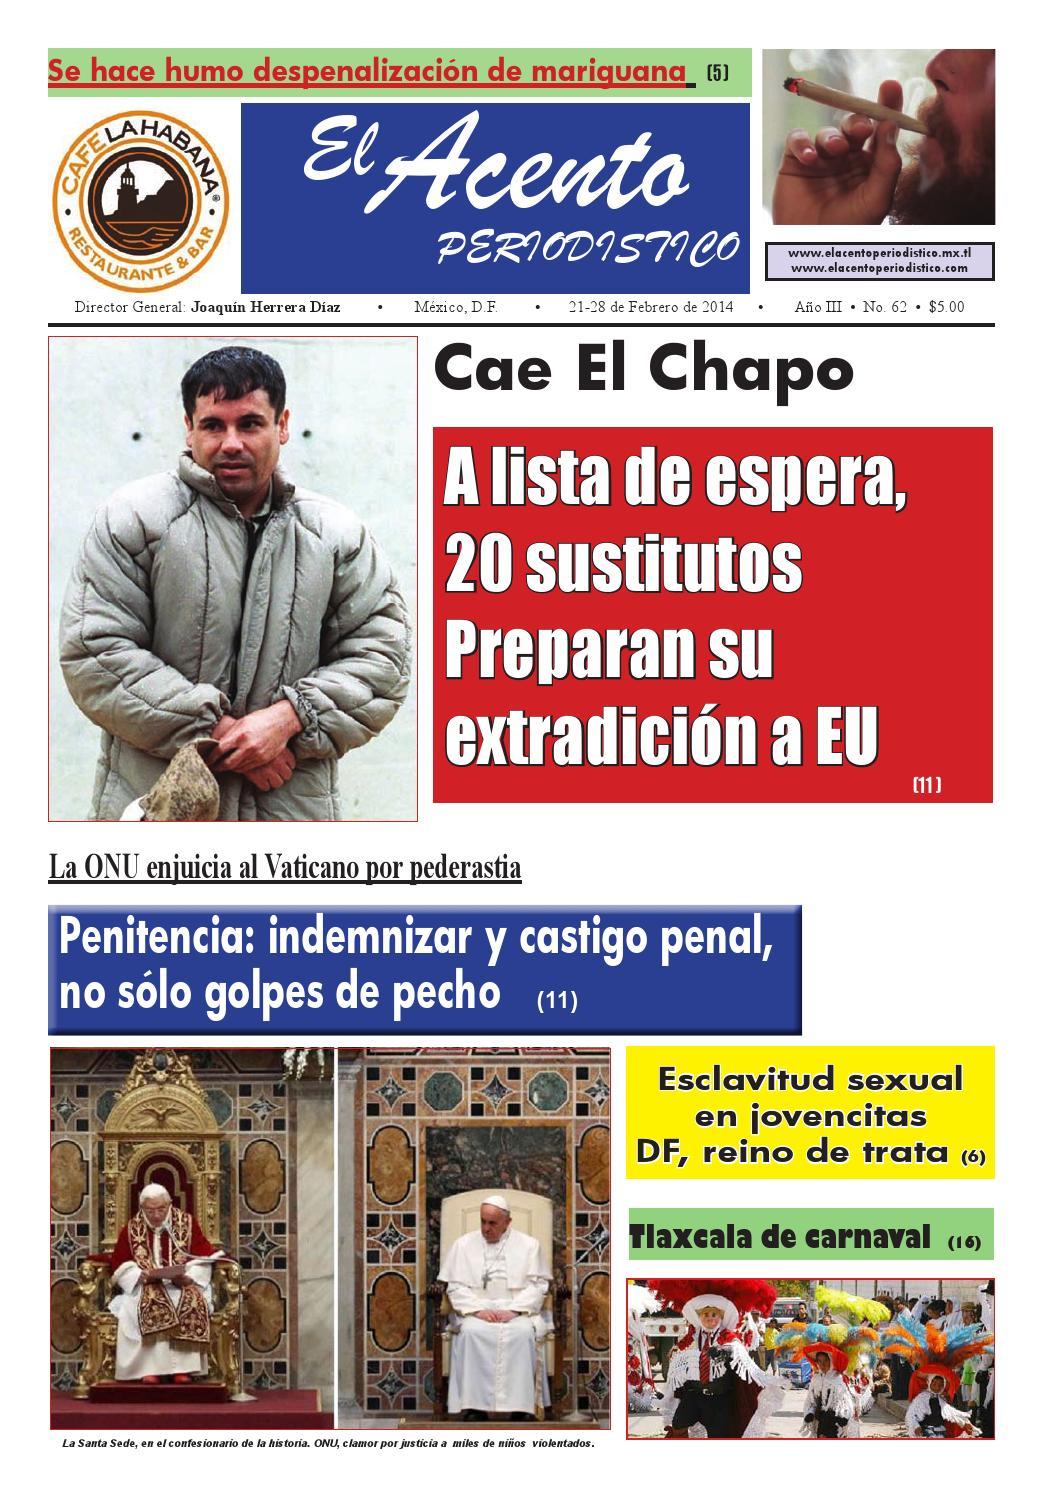 Acento edicion 62 by El Acento Periodistico - issuu